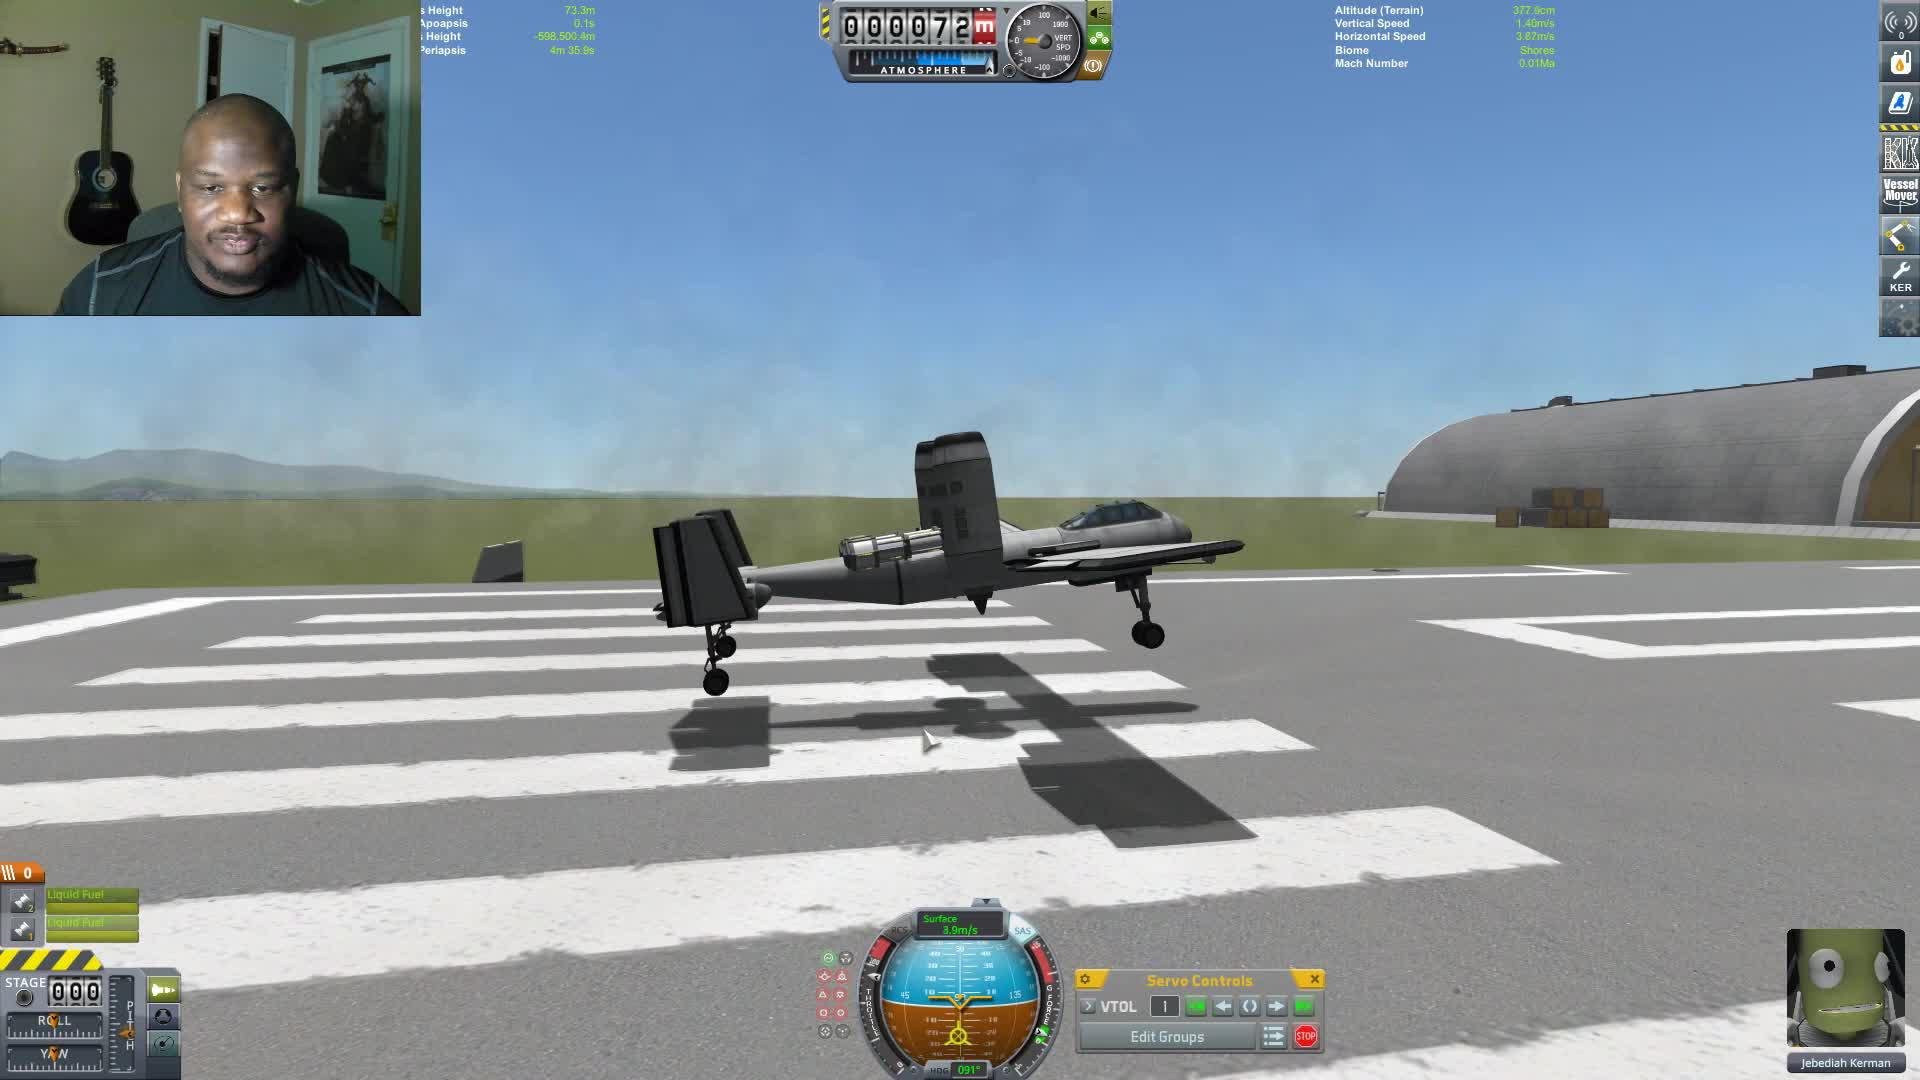 Jatwaa, Kerbalspaceprogram, a10thunderbolt, A-10 Thunderbolt II